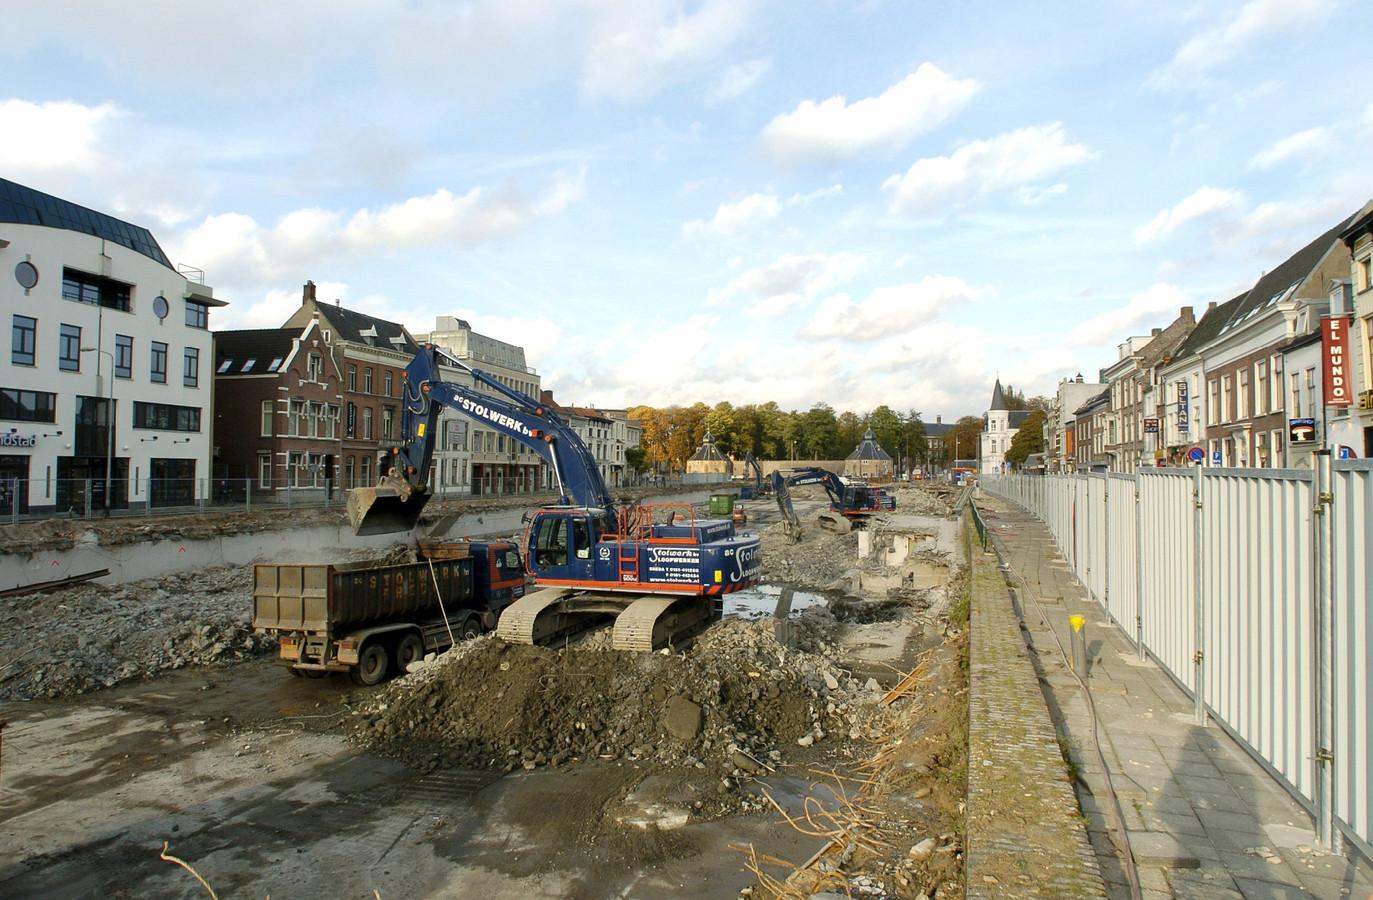 Het water keert terug in de stad, de parkeergarage wordt gesloopt (2005).